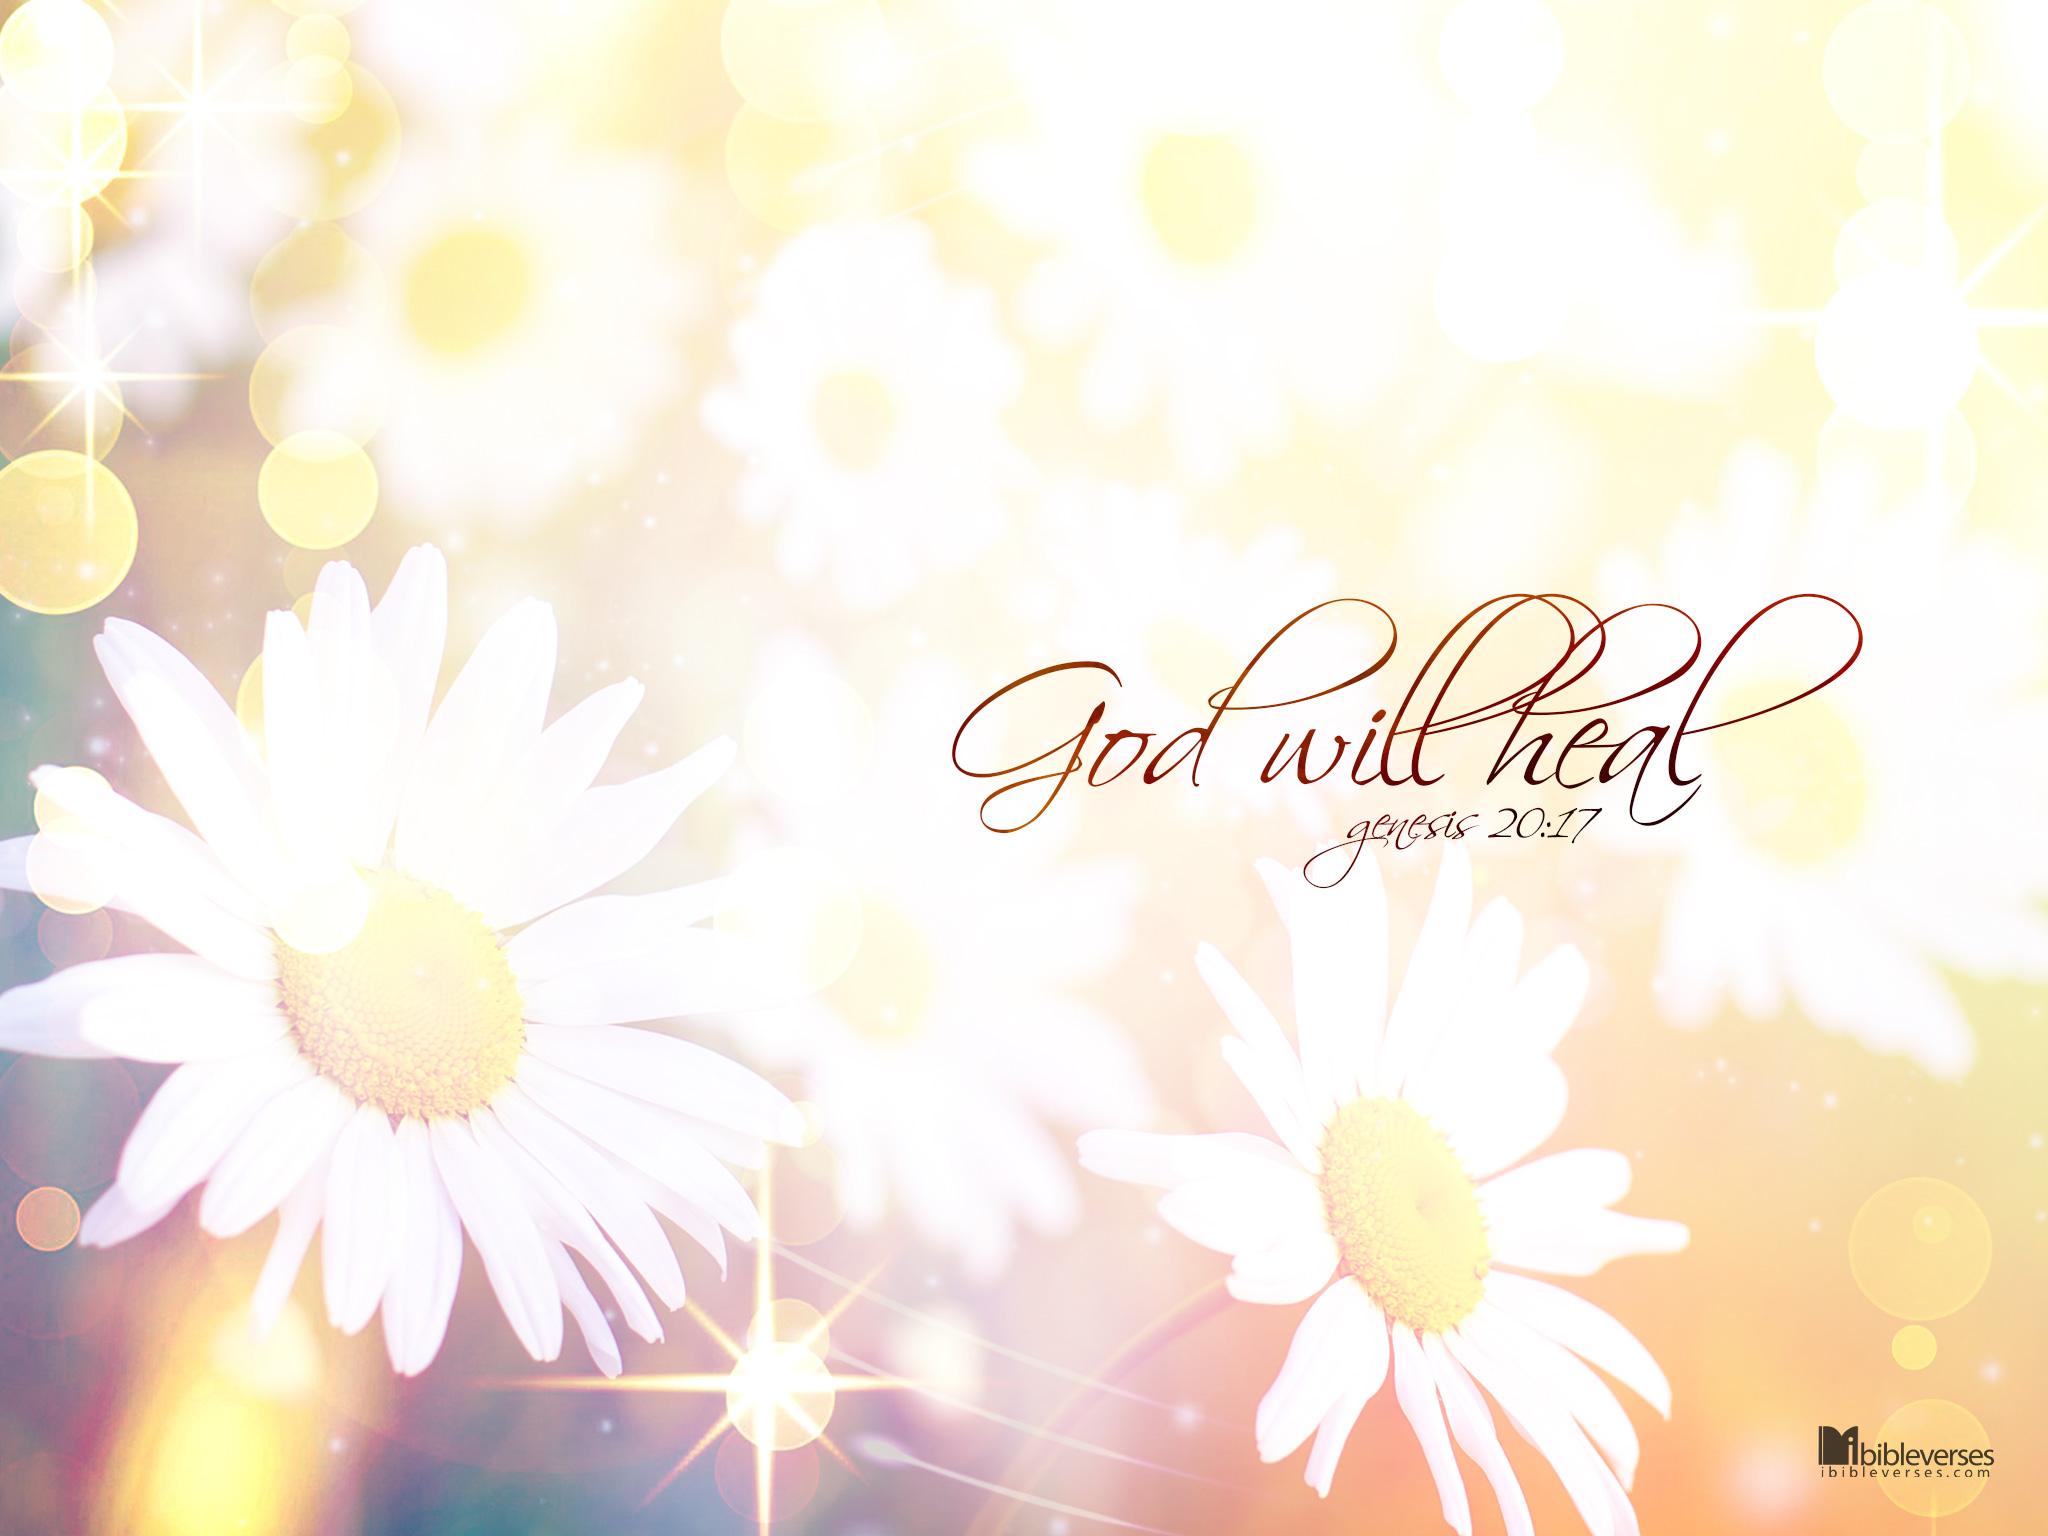 God will heal Crossmap 2048x1536